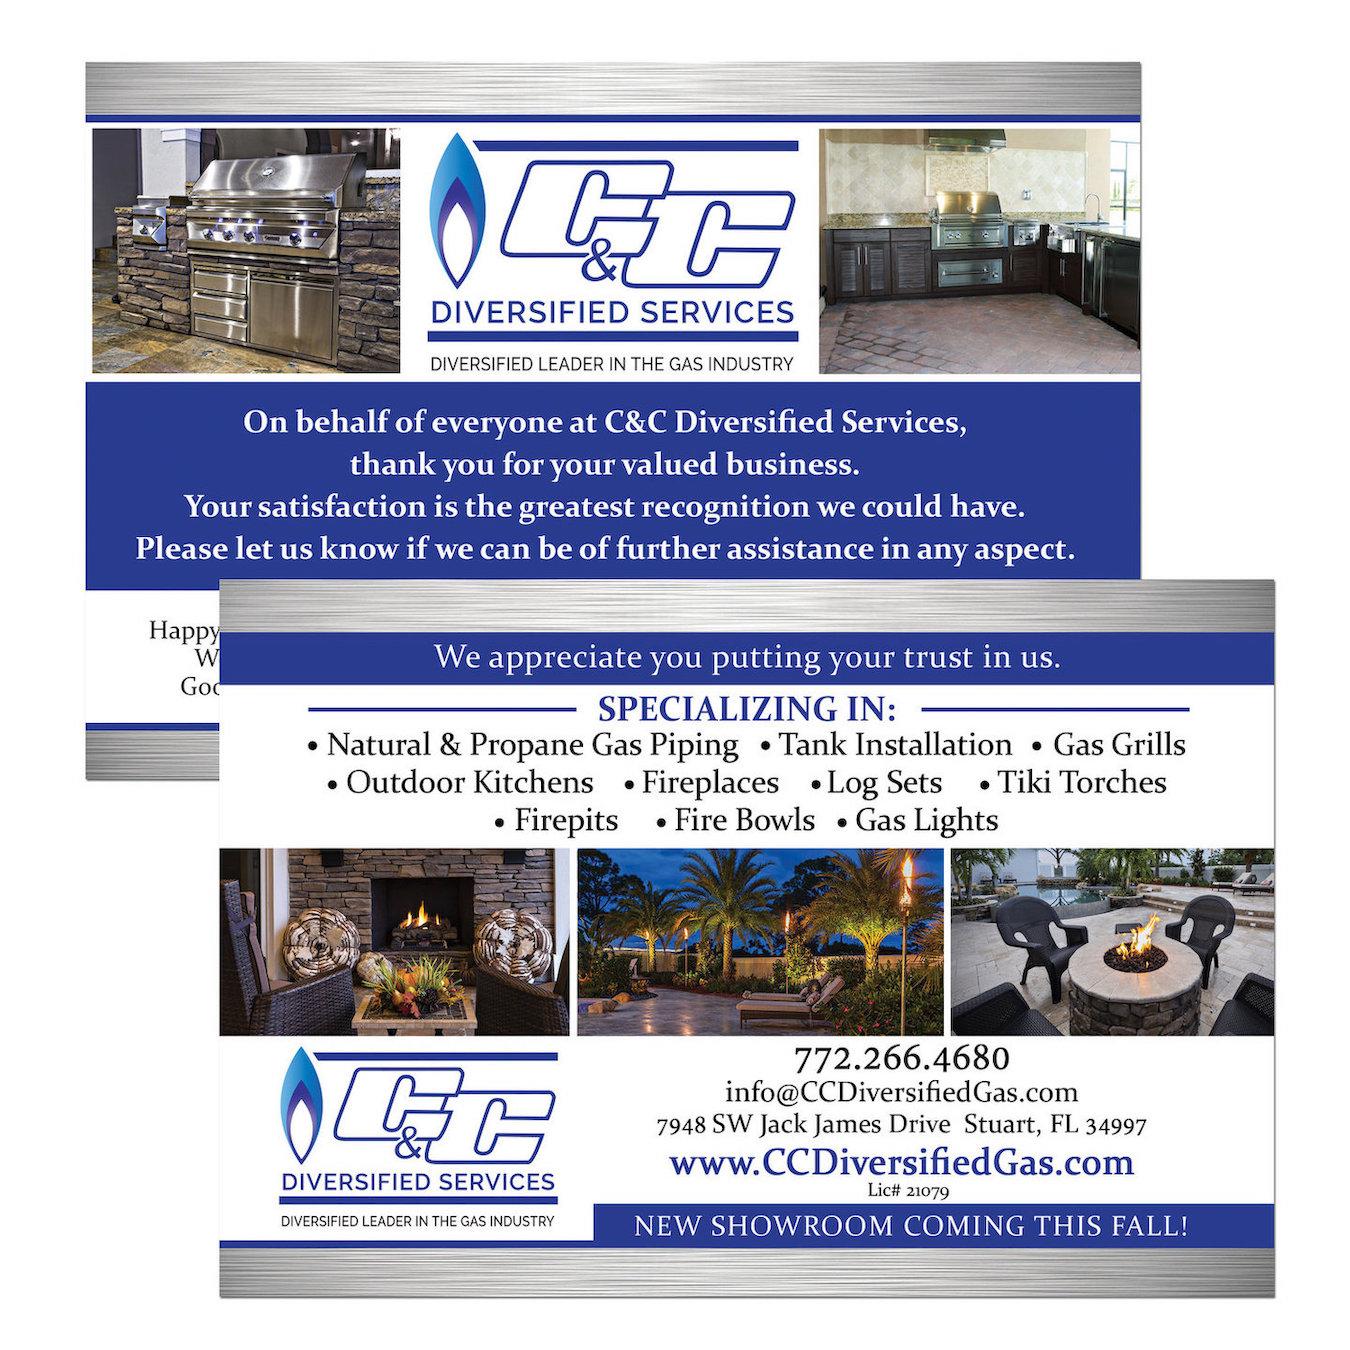 C & C Diversified Services Postcard Design